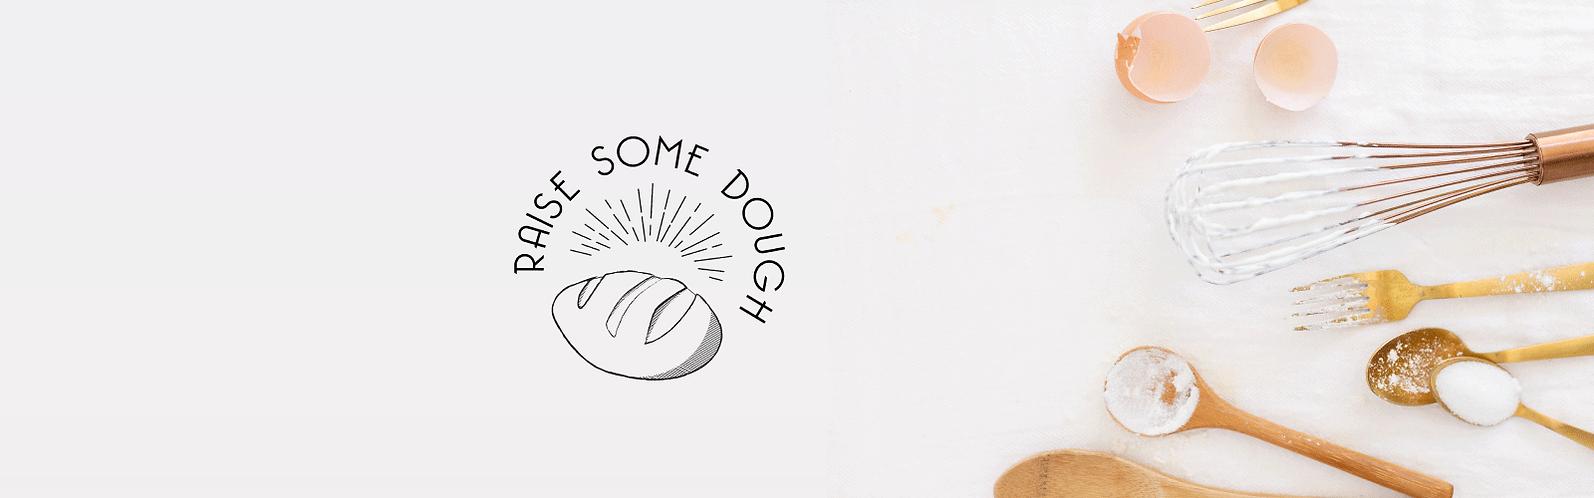 raise some dough logo design